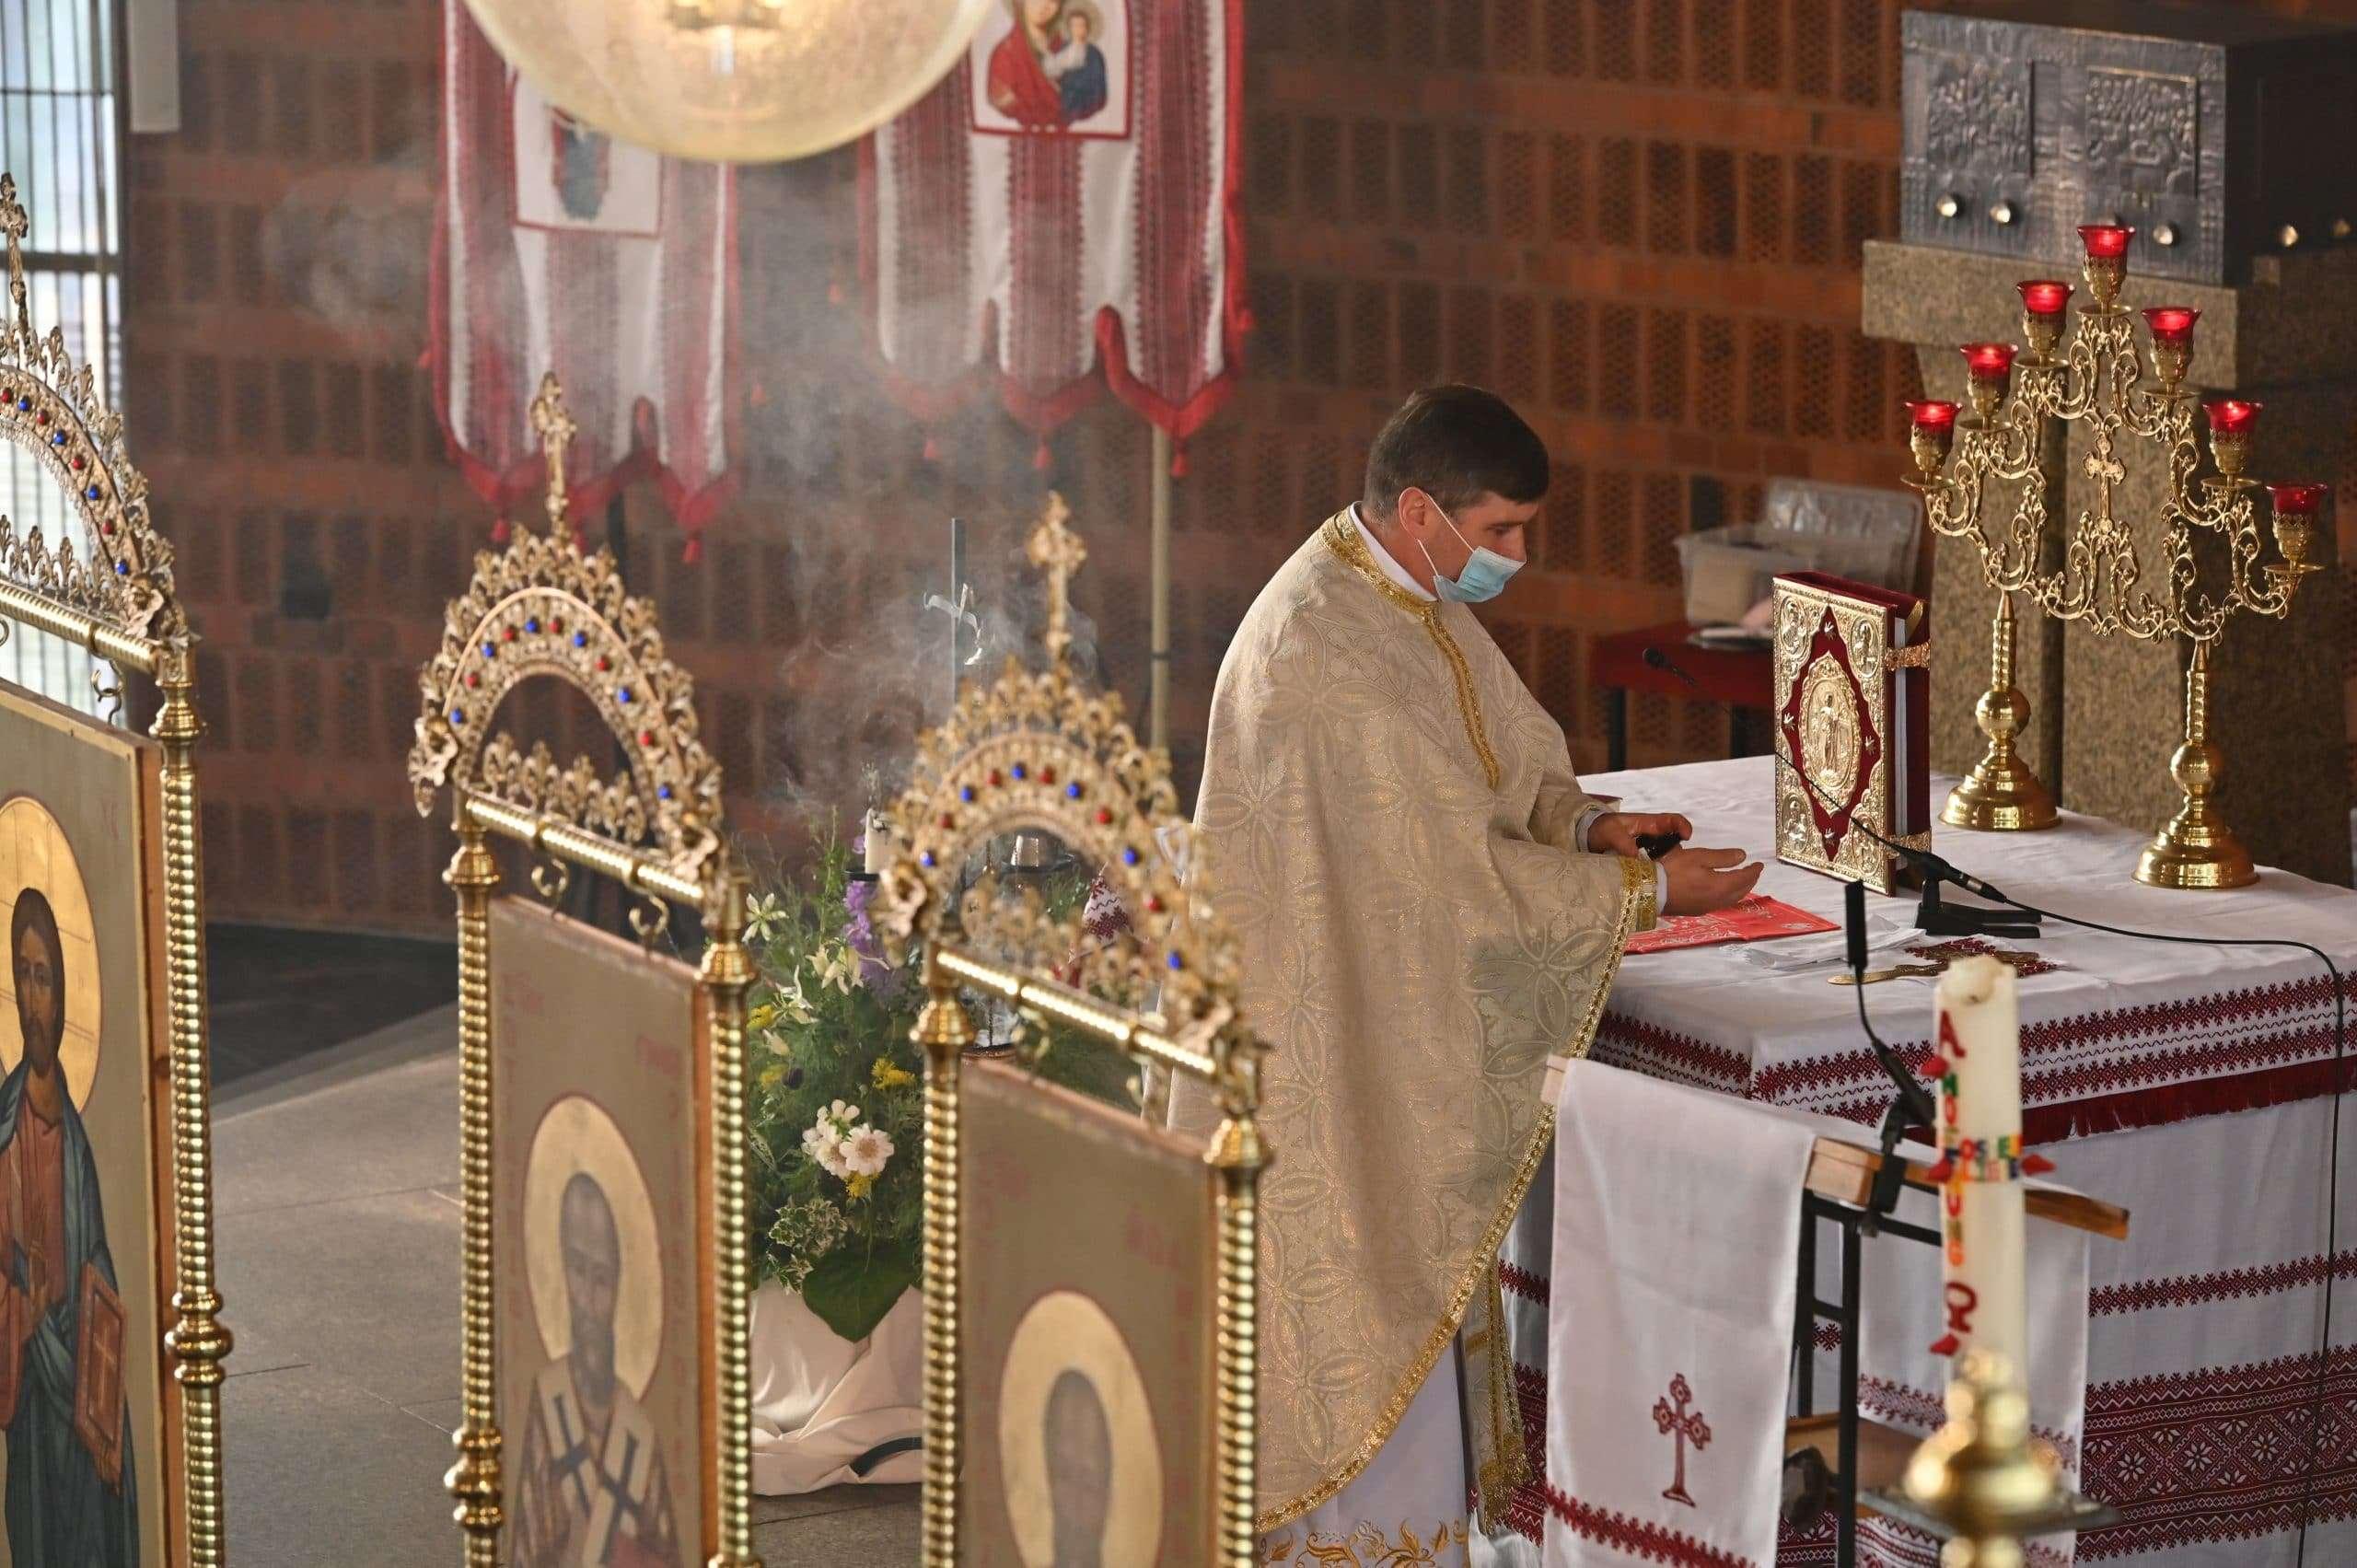 Проповідь від 13 вересня 2020 про запрошених на весілля. Отець Микола Павлик у греко-католицькому храмі м. Кьольн, Німеччина